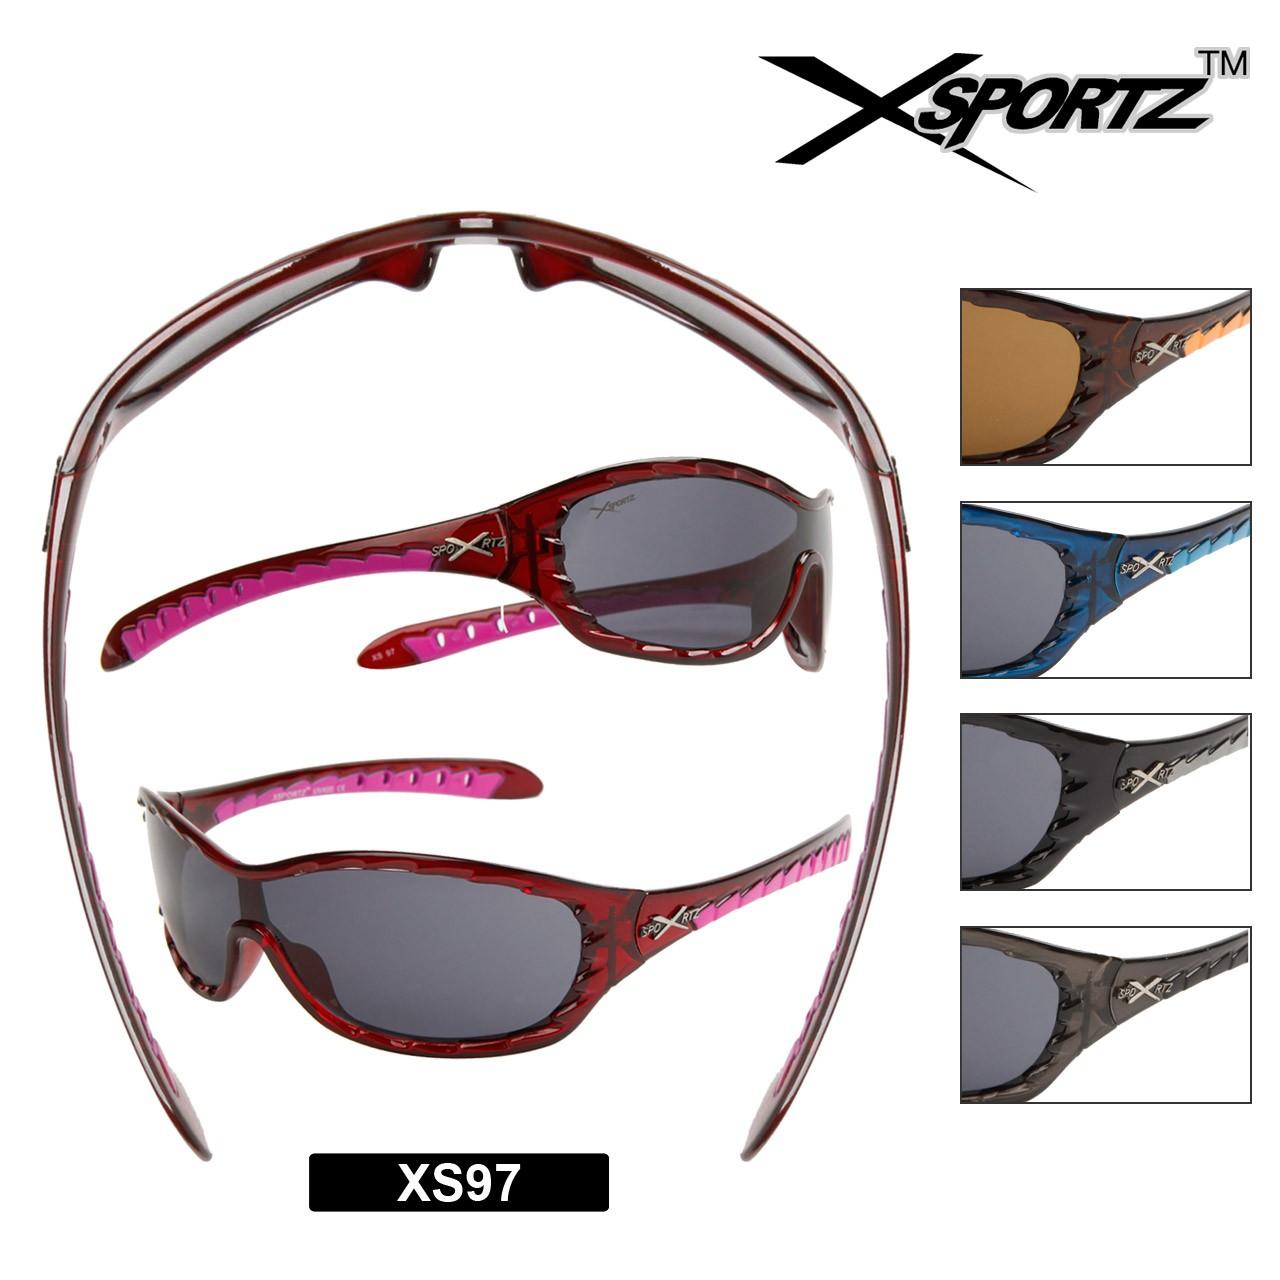 Sports Sunglasses for Men XS97 Xsportz